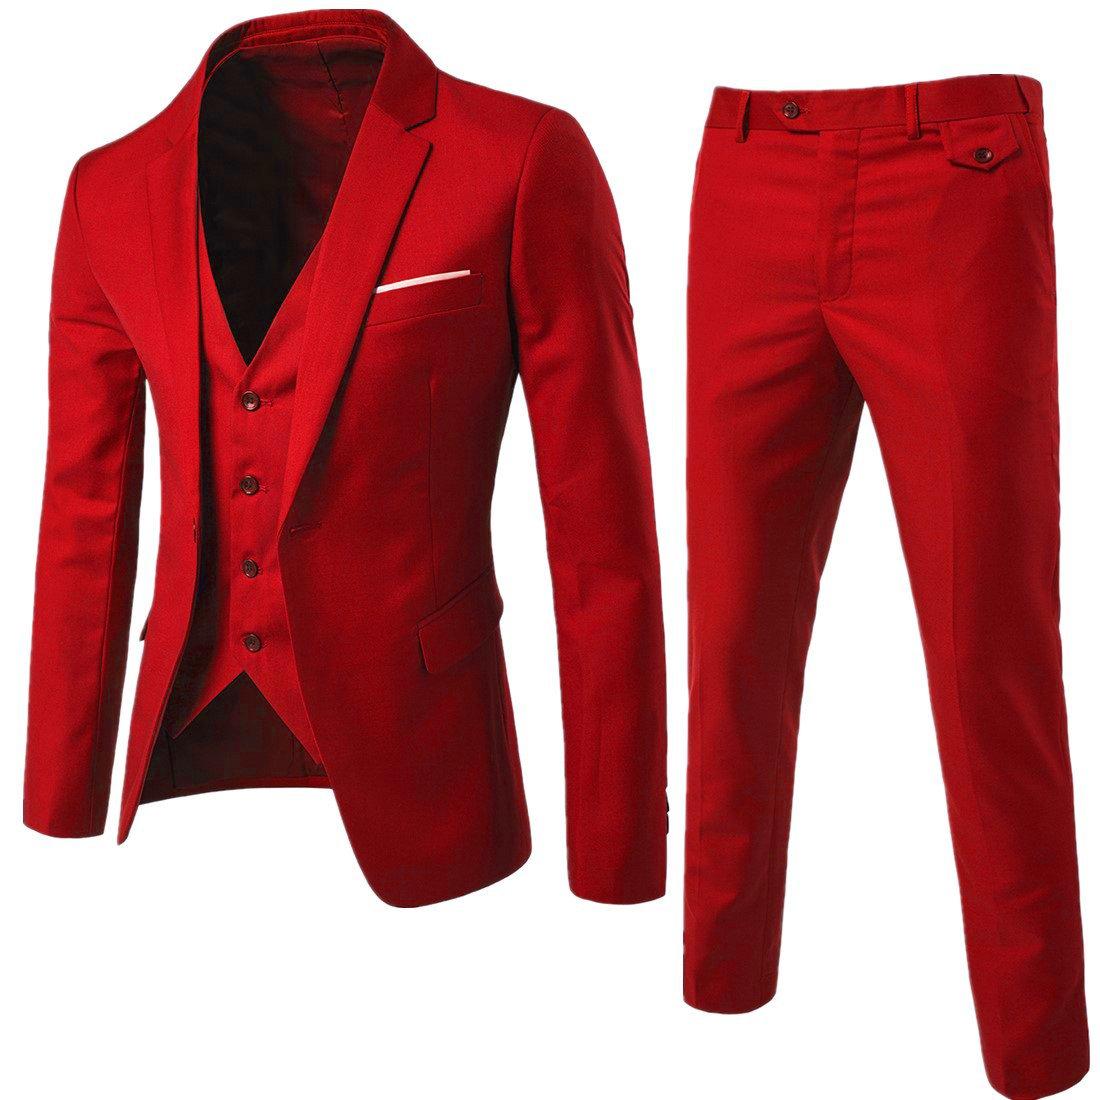 Fashionmy Men's 3 Pieces Suits Slim Fit Wedding Party Suit Bridegroom Formal Suits